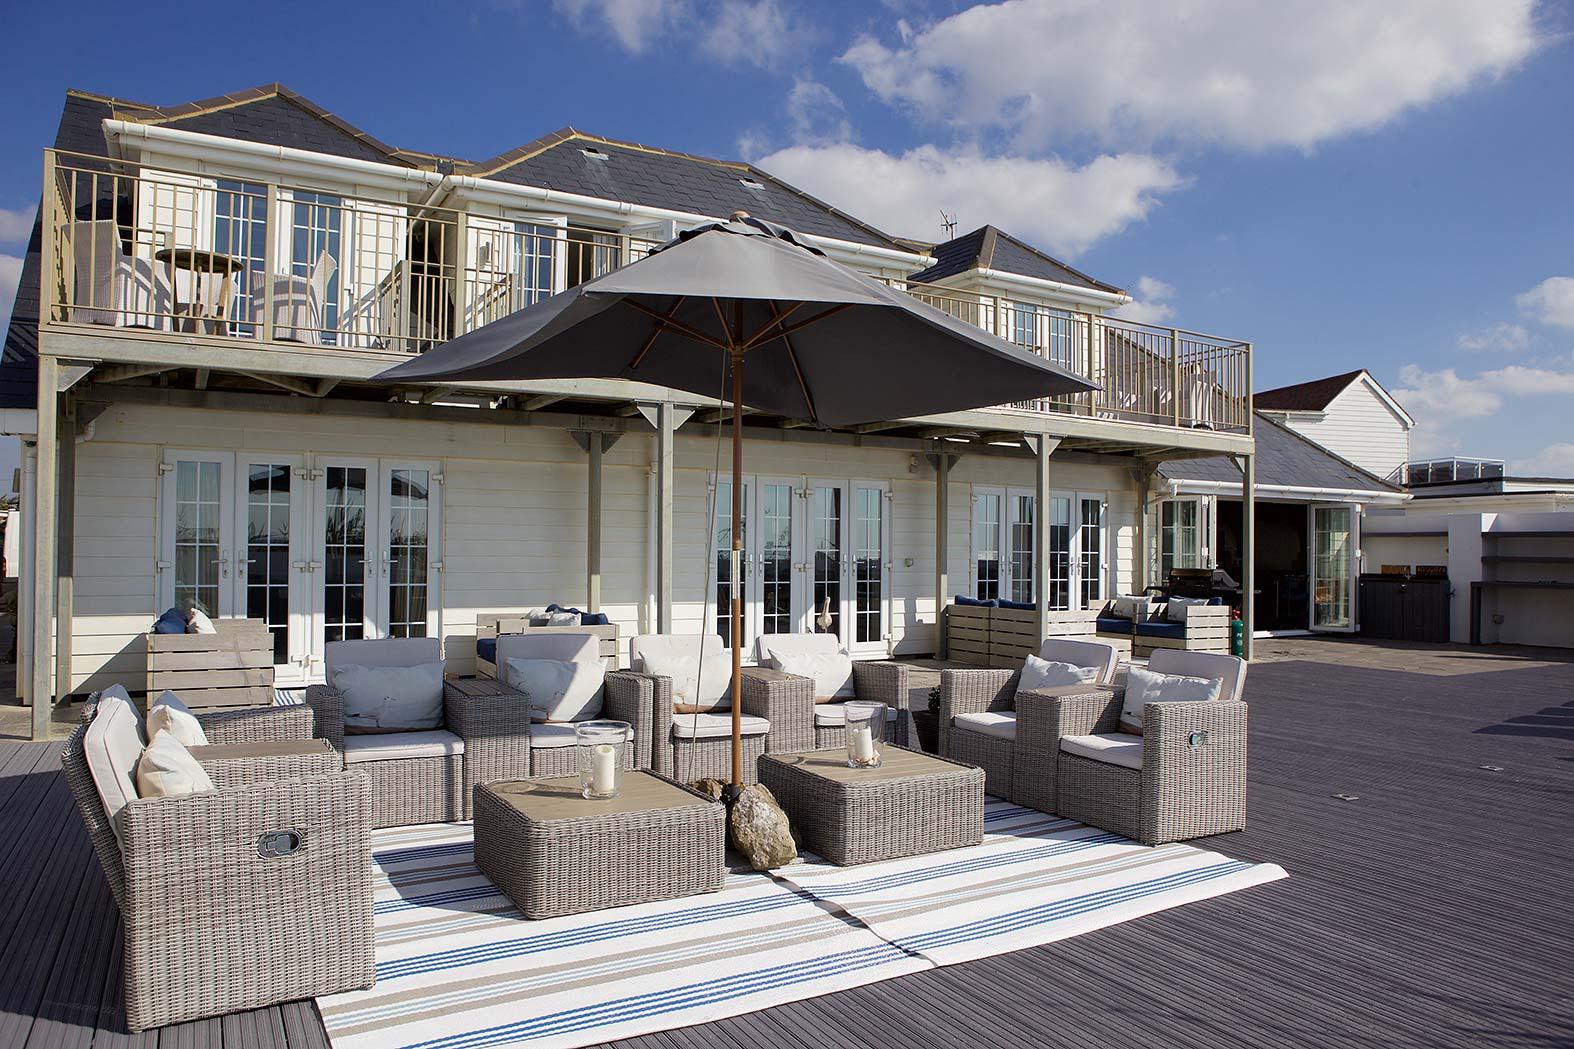 New england luxury beach house luxury beach house rental for New england house